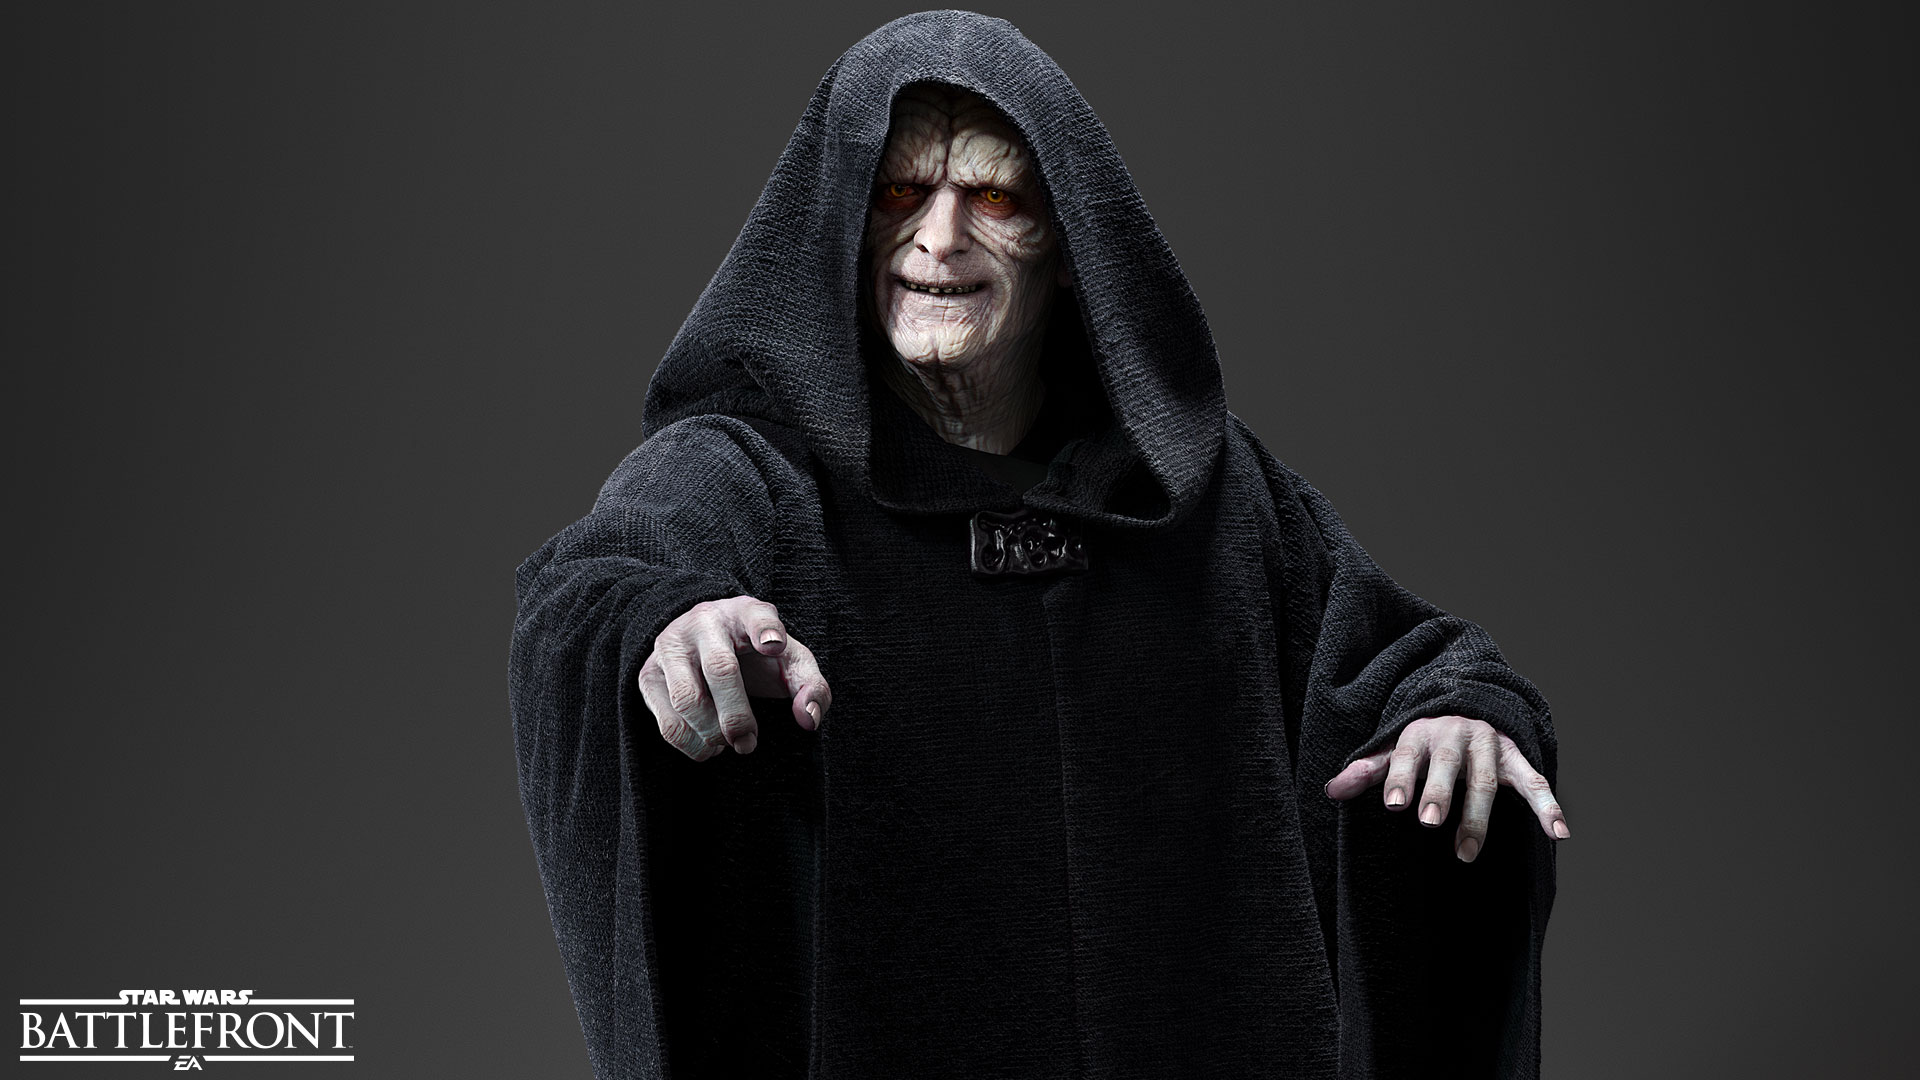 Ve Star Wars: Battlefront se opravdu objeví Han Solo, Leia Organa a císař Palpatine 115257